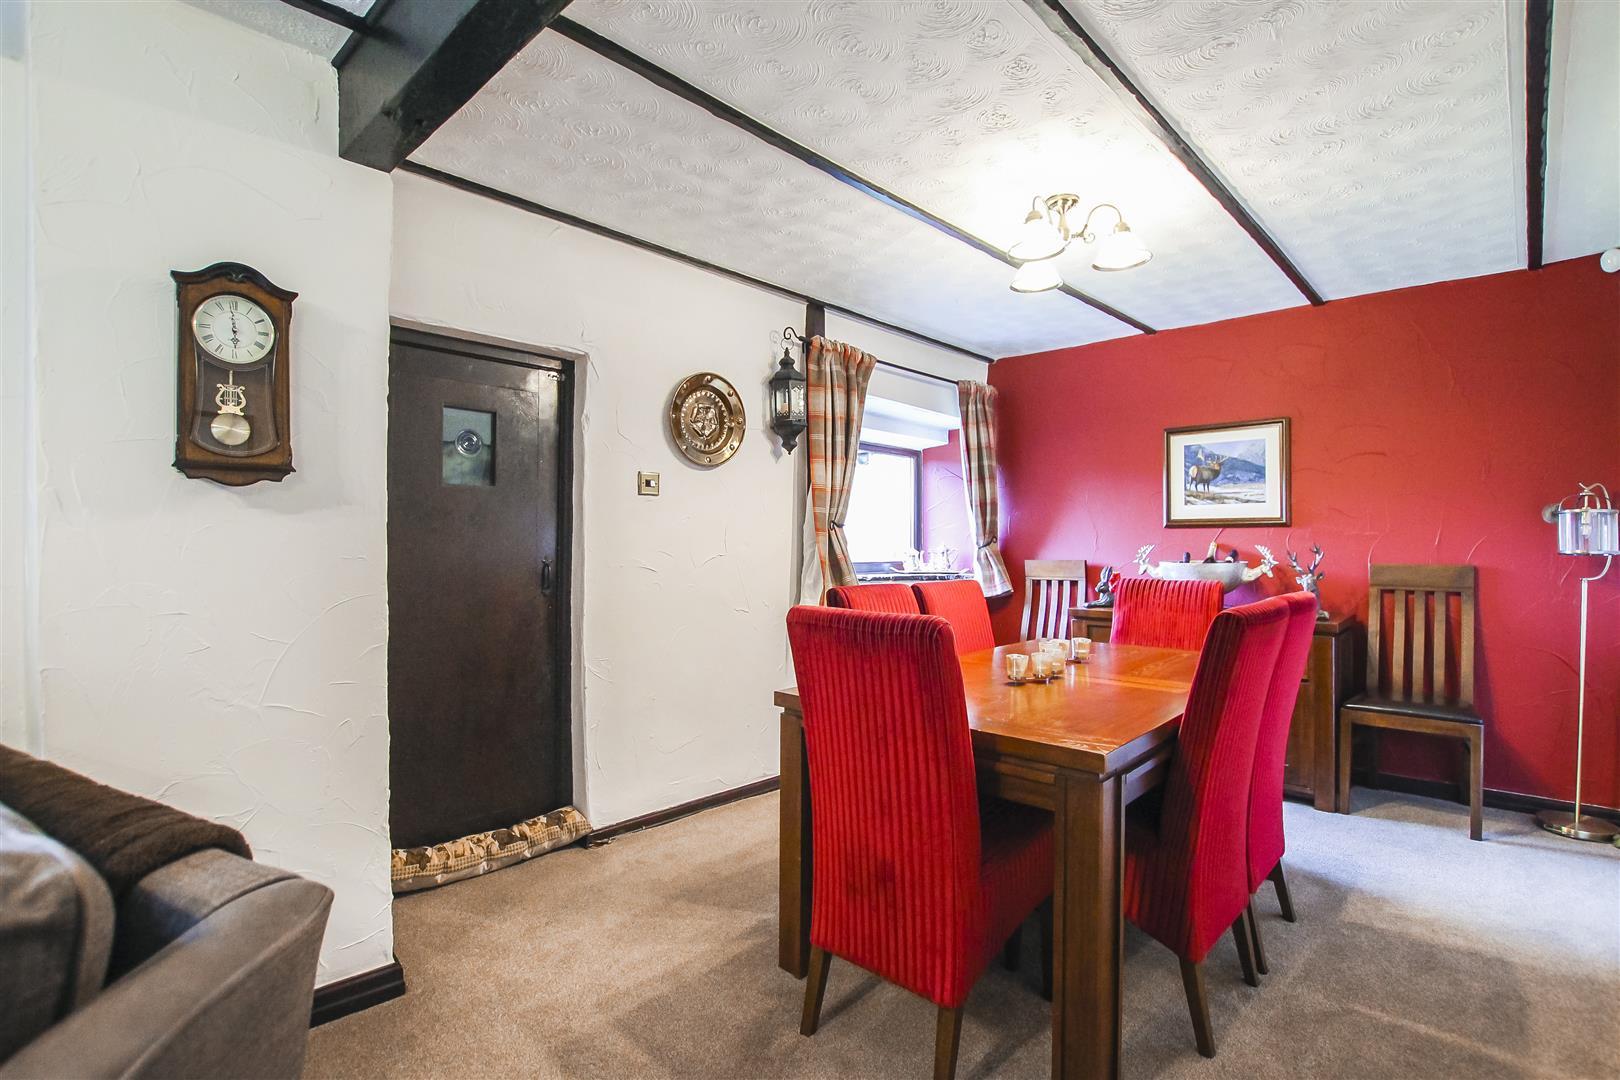 3 Bedroom Terraced Cottage For Sale - Image 3